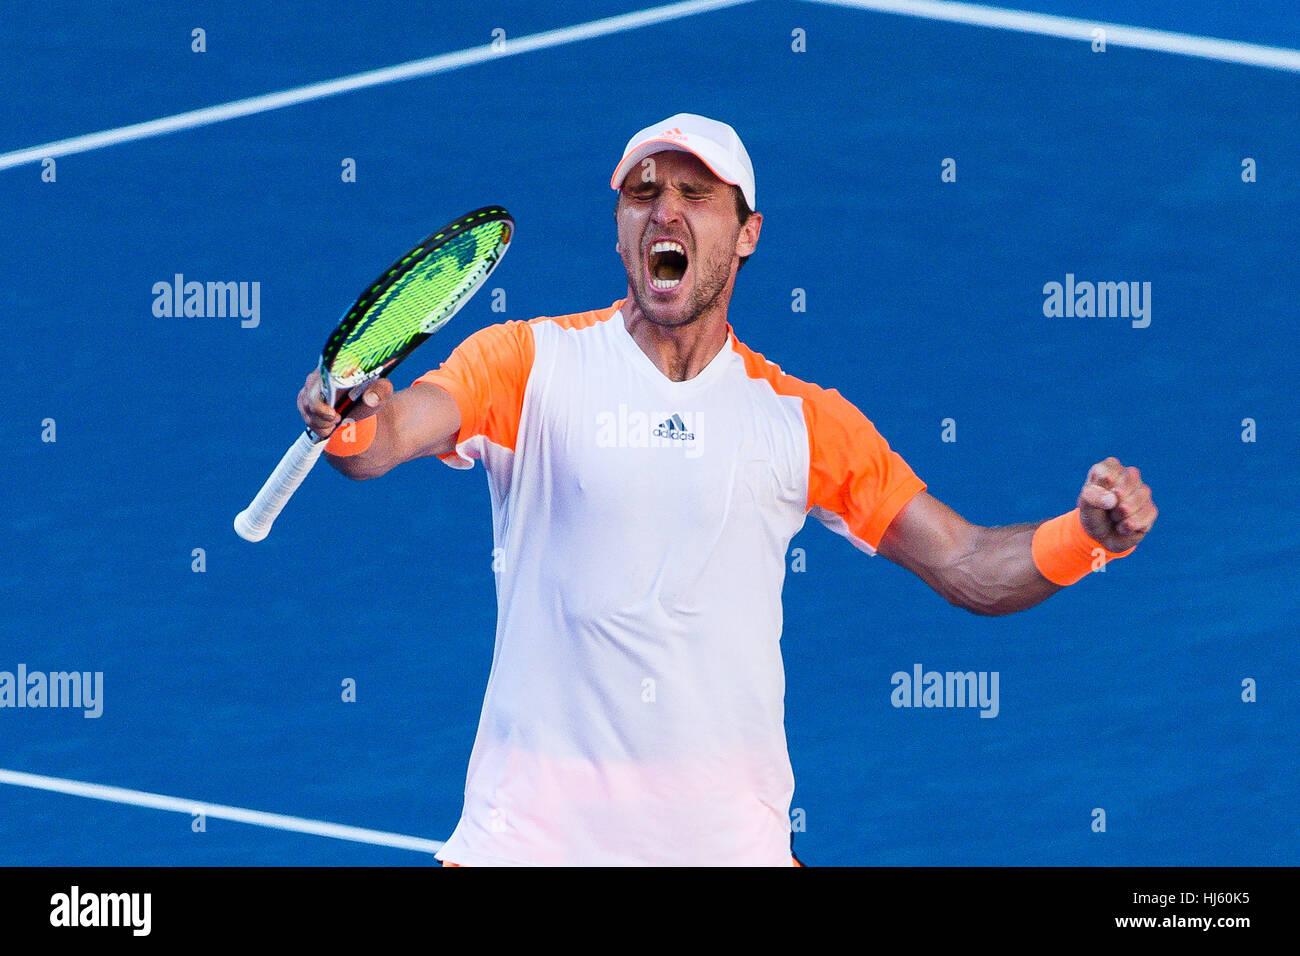 Mischa Zverev della Germania ousts numero uno al mondo Andy Murray durante il 2017 Tennis Open di Australia a Melbourne Park Foto Stock